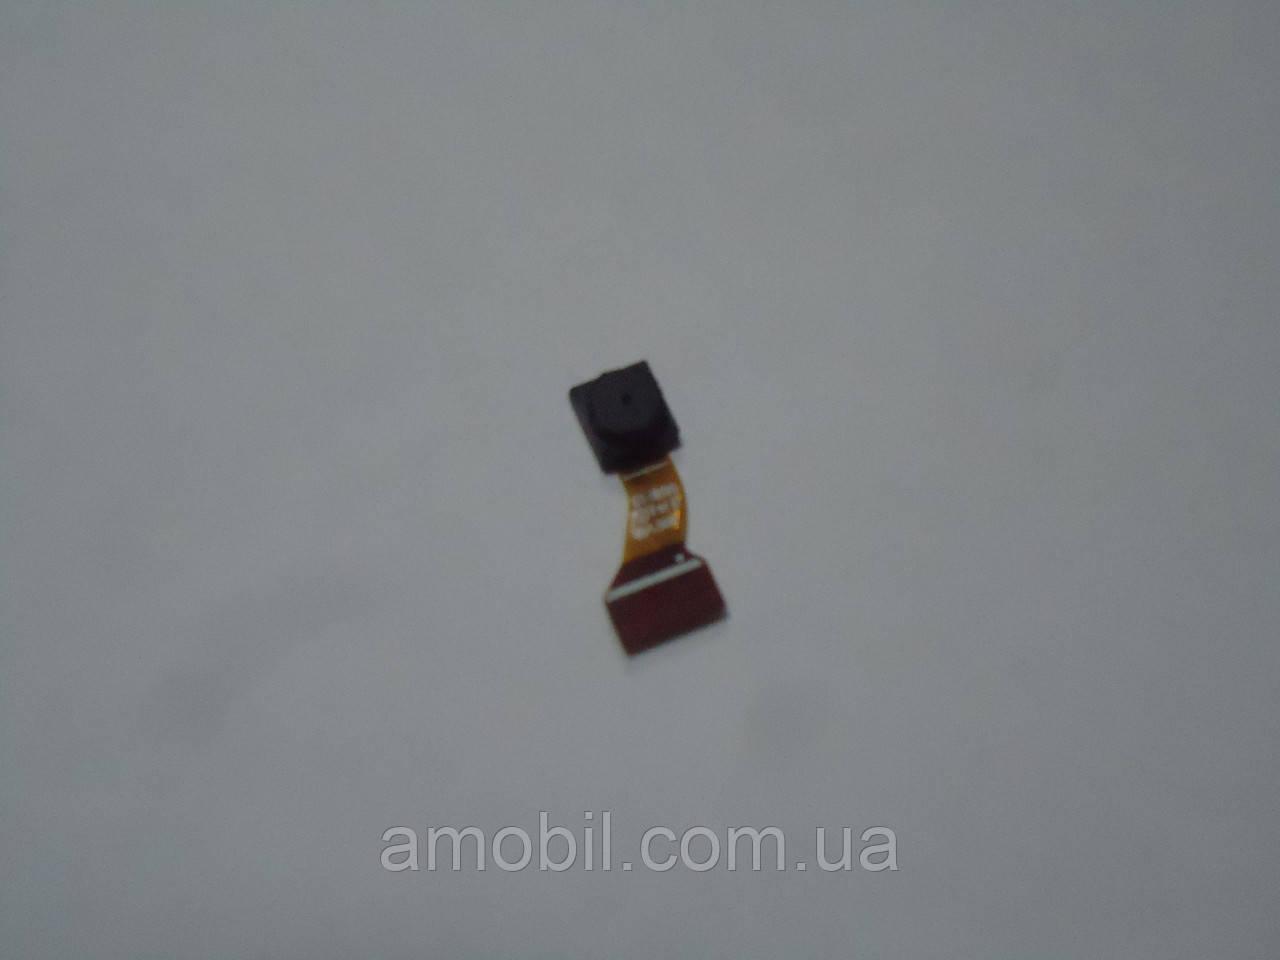 Камера передняя (фронтальная) для телефона Samsung i8190 orig